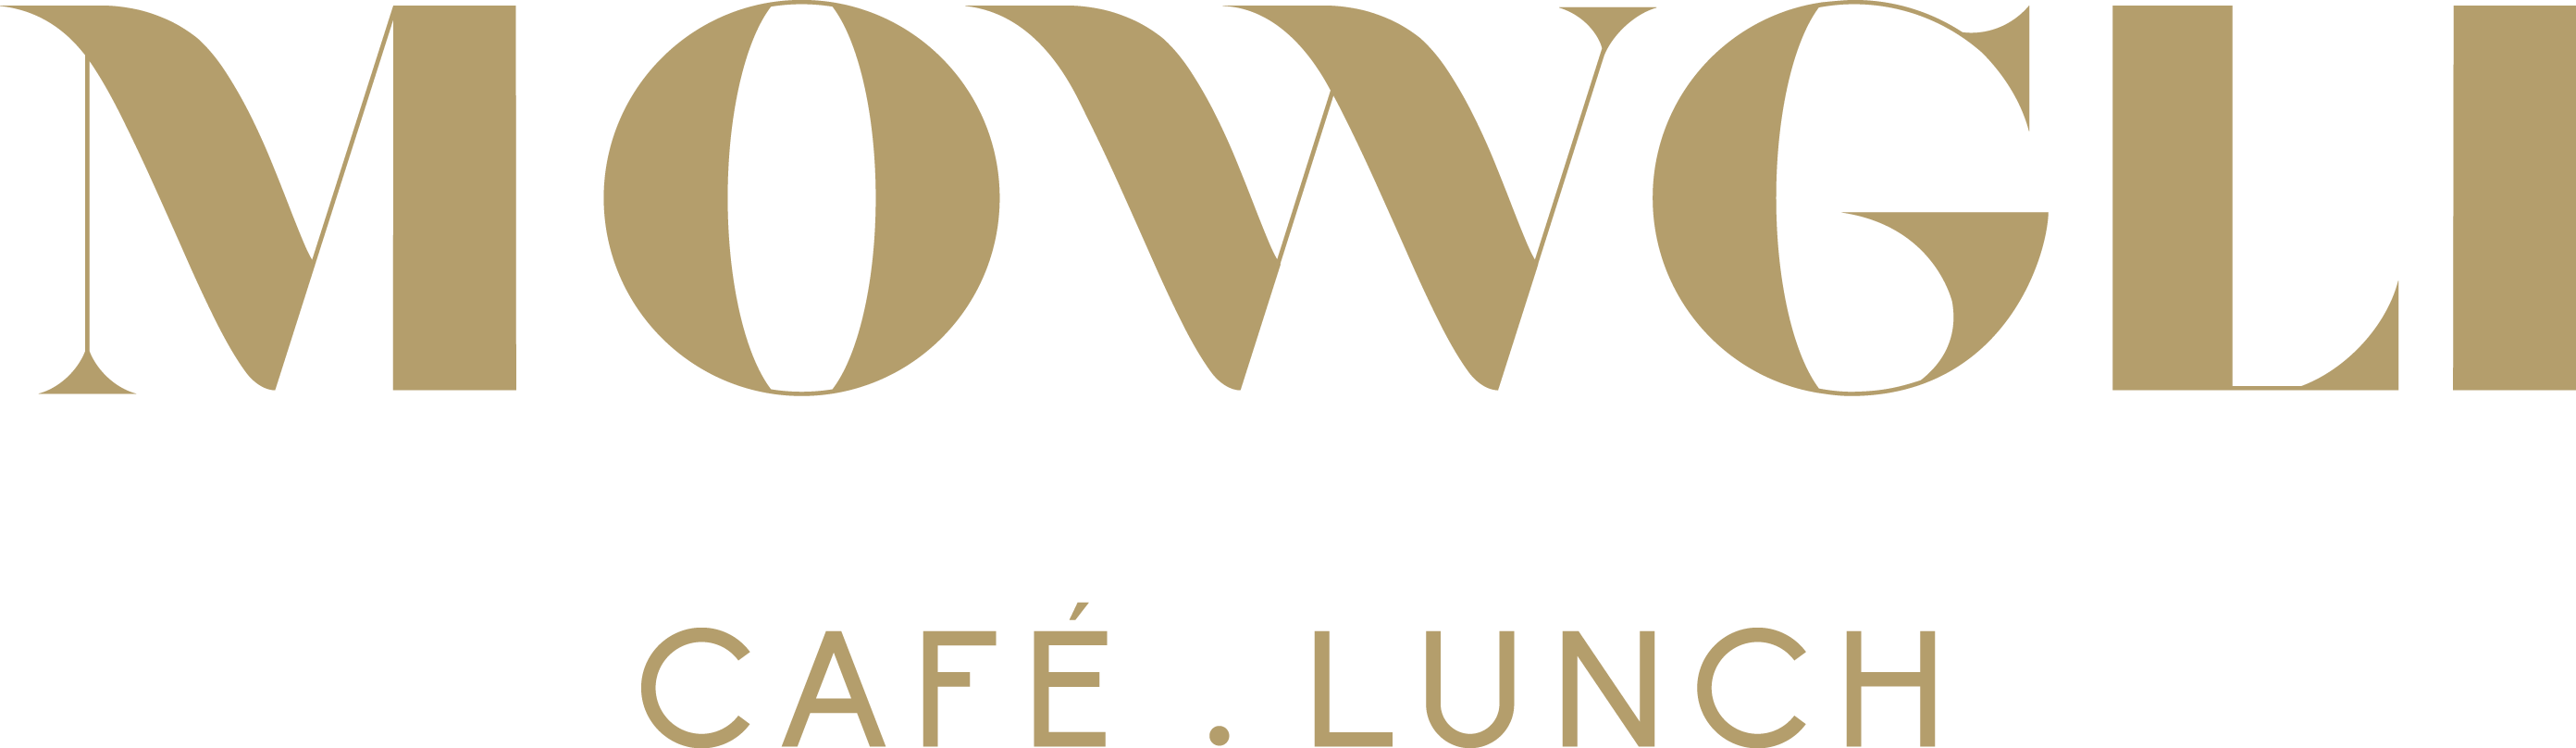 Mowglicafe-Mowglicafé Restaurant Lunch Lyon 7